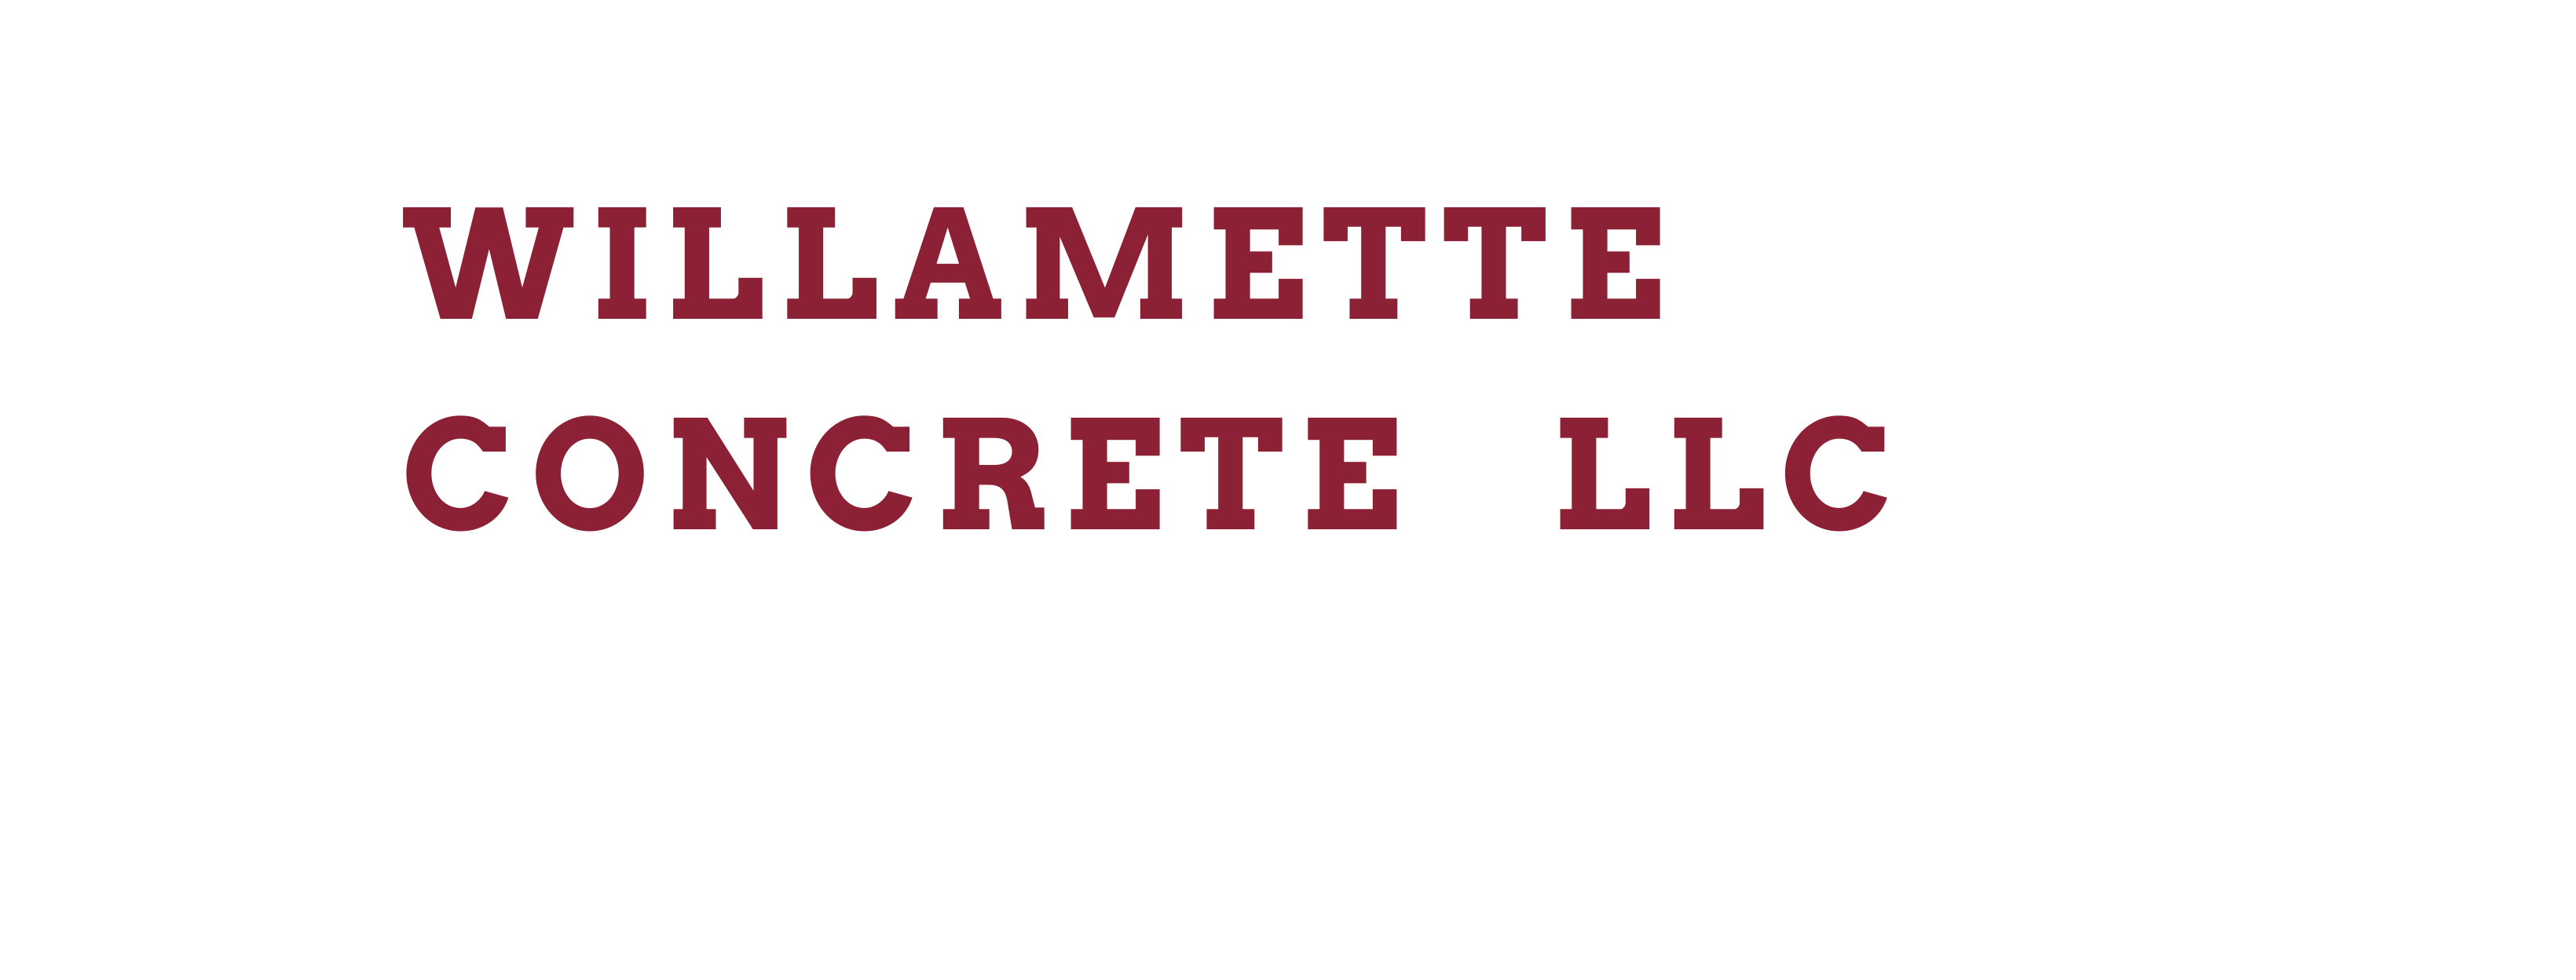 willamette-concrete-llc-header